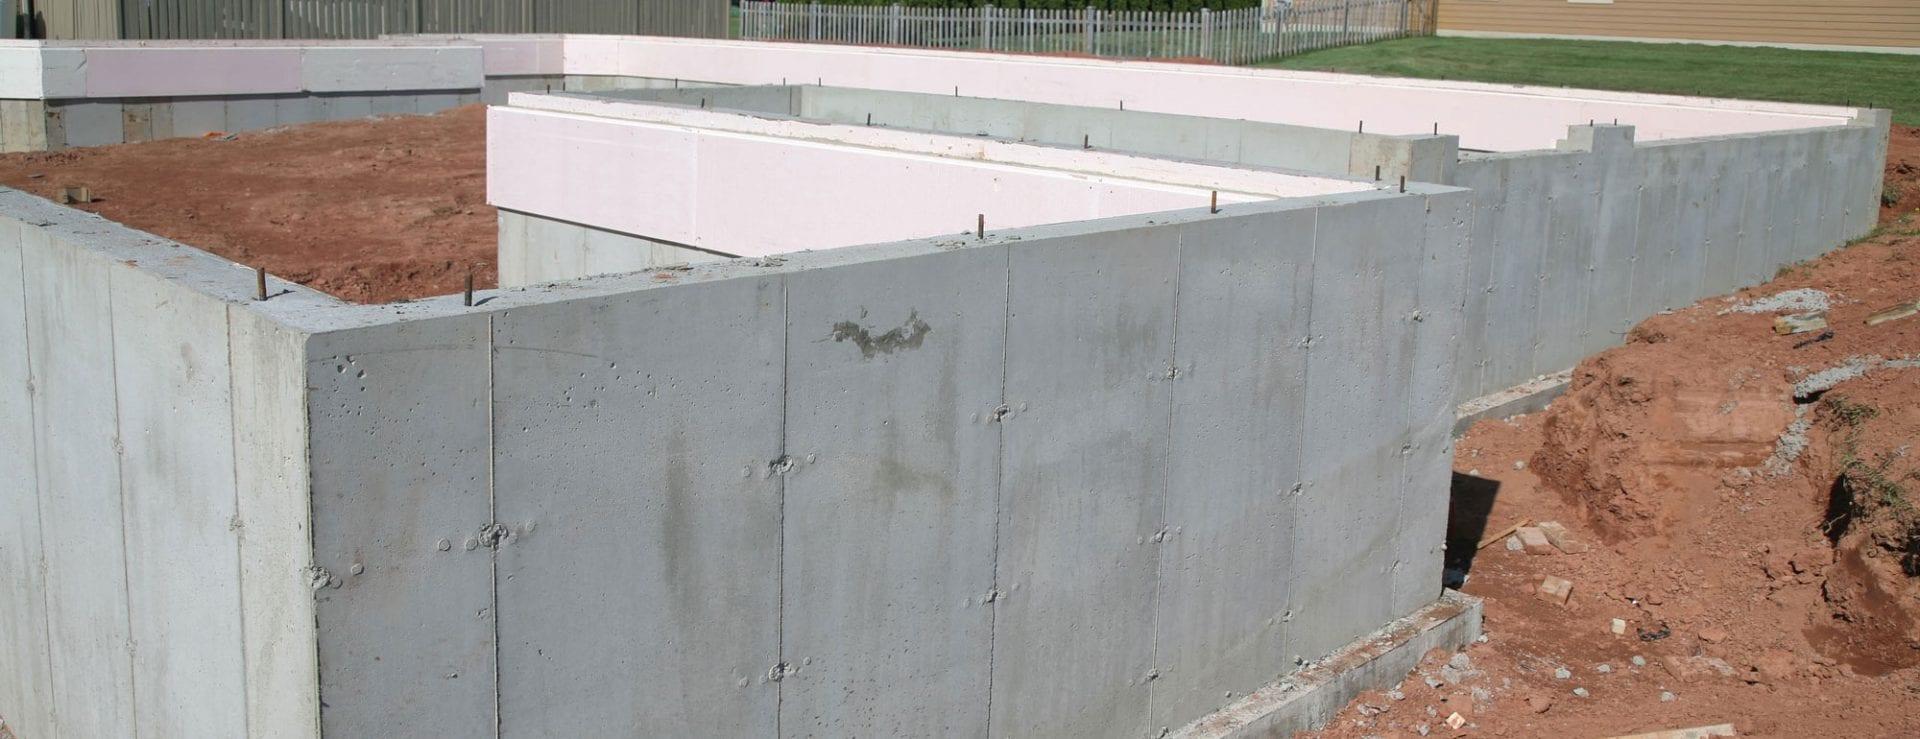 Model de fondation base sans sous-sol avec isolant pour couper le pont thermique